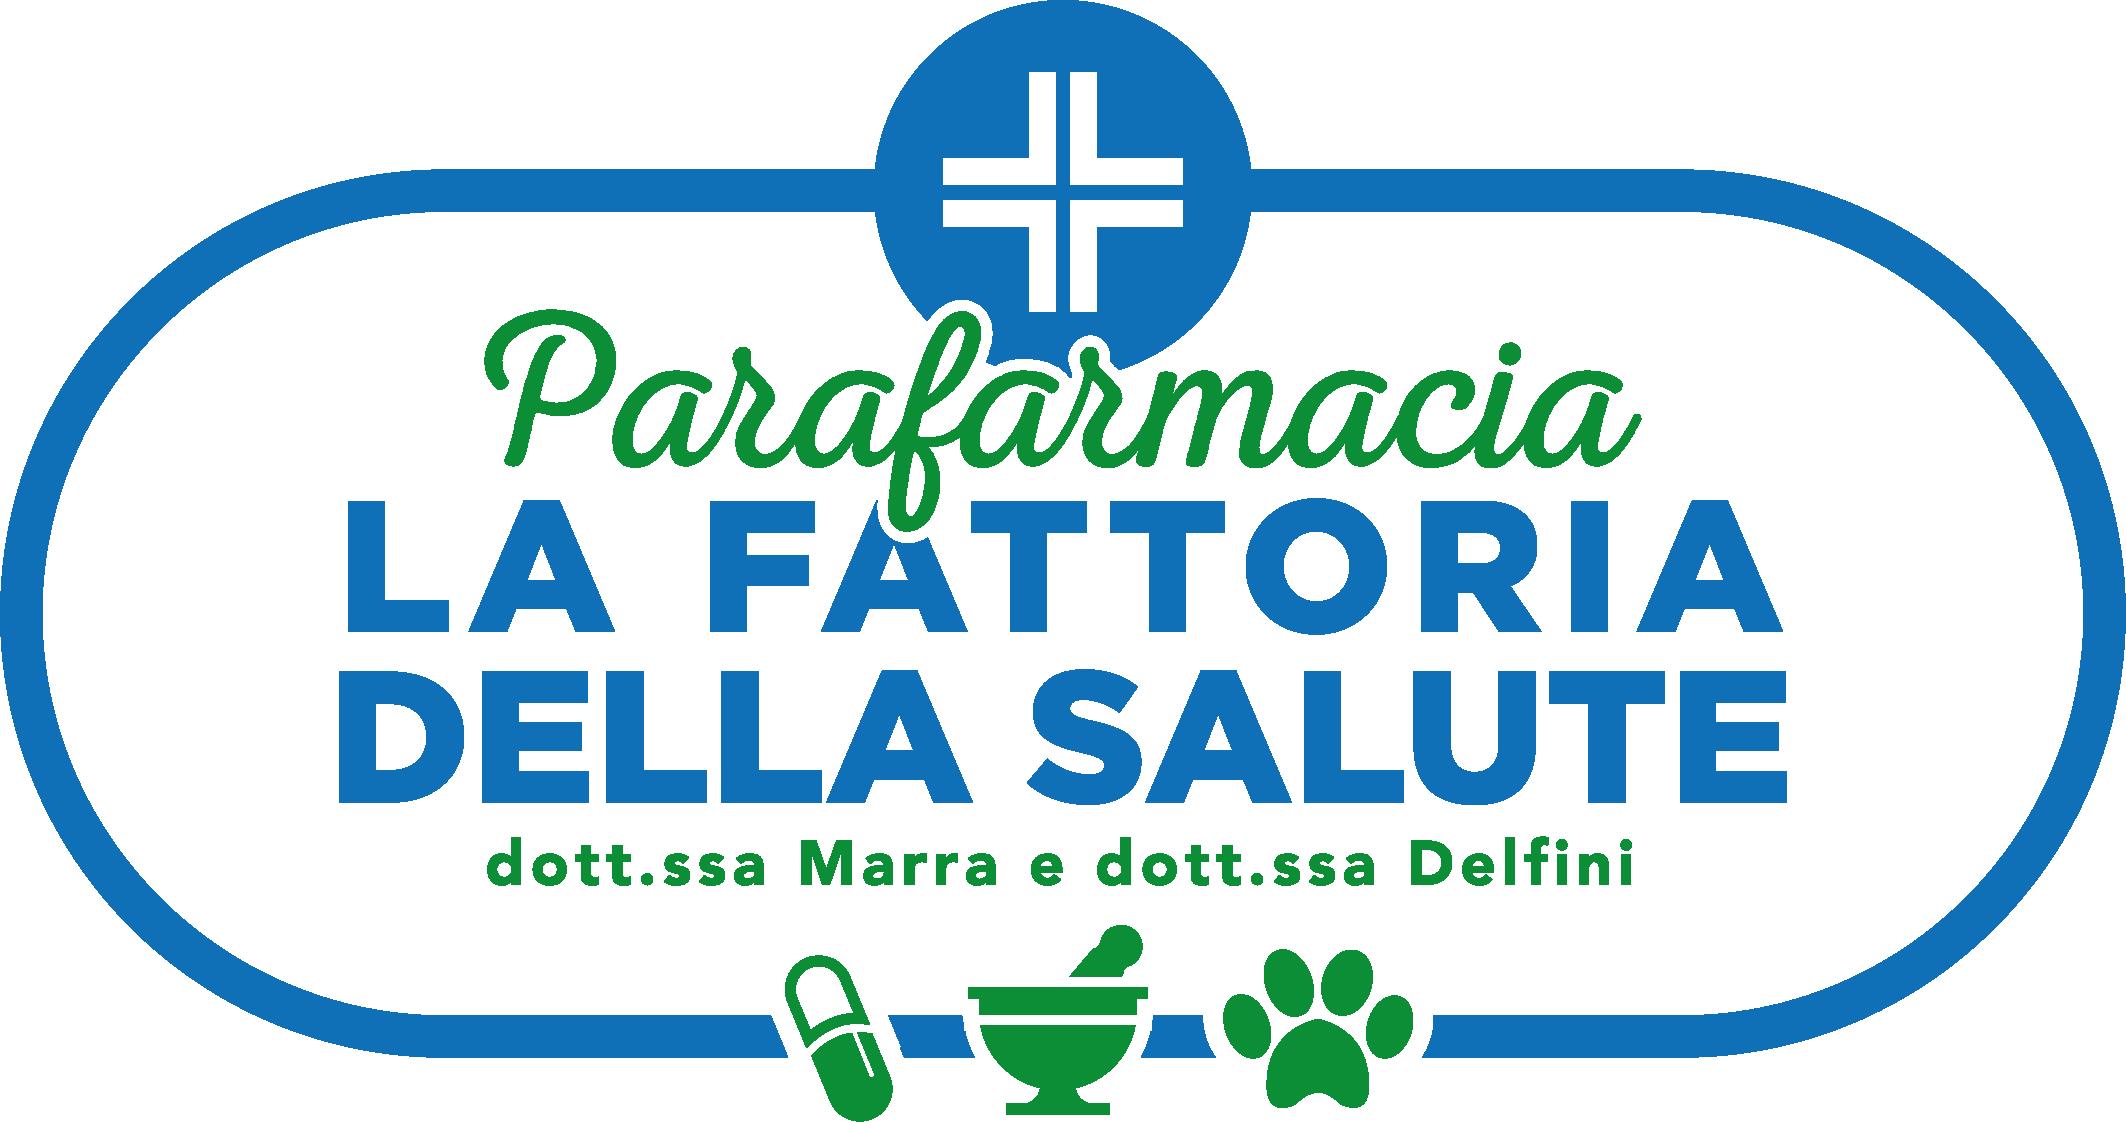 DEPURATIVO ANTARTICO 500 ML - Parafarmacia la Fattoria della Salute S.n.c. di Delfini Dott.ssa Giulia e Marra Dott.ssa Michela